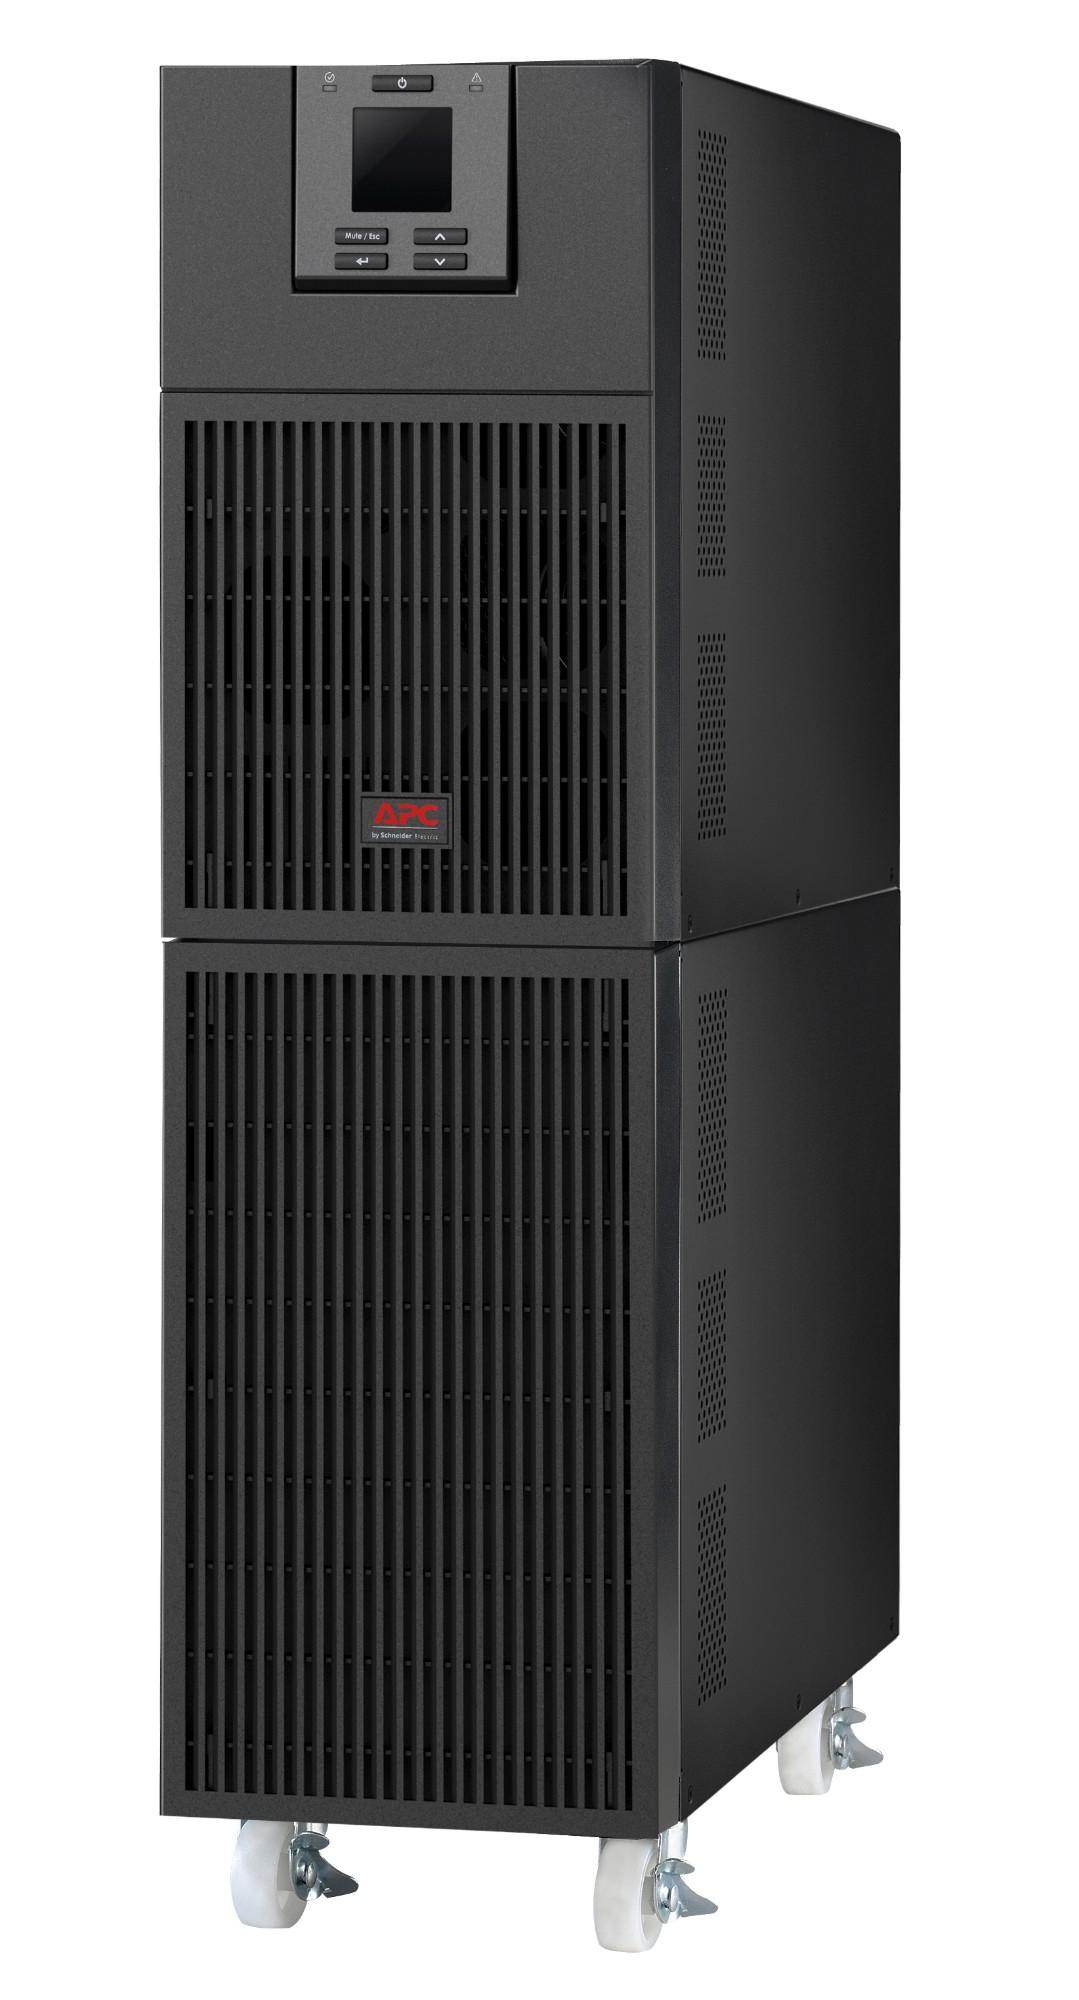 APC SRV6KI sistema de alimentación ininterrumpida (UPS) Doble conversión (en línea) 6000 VA 6000 W